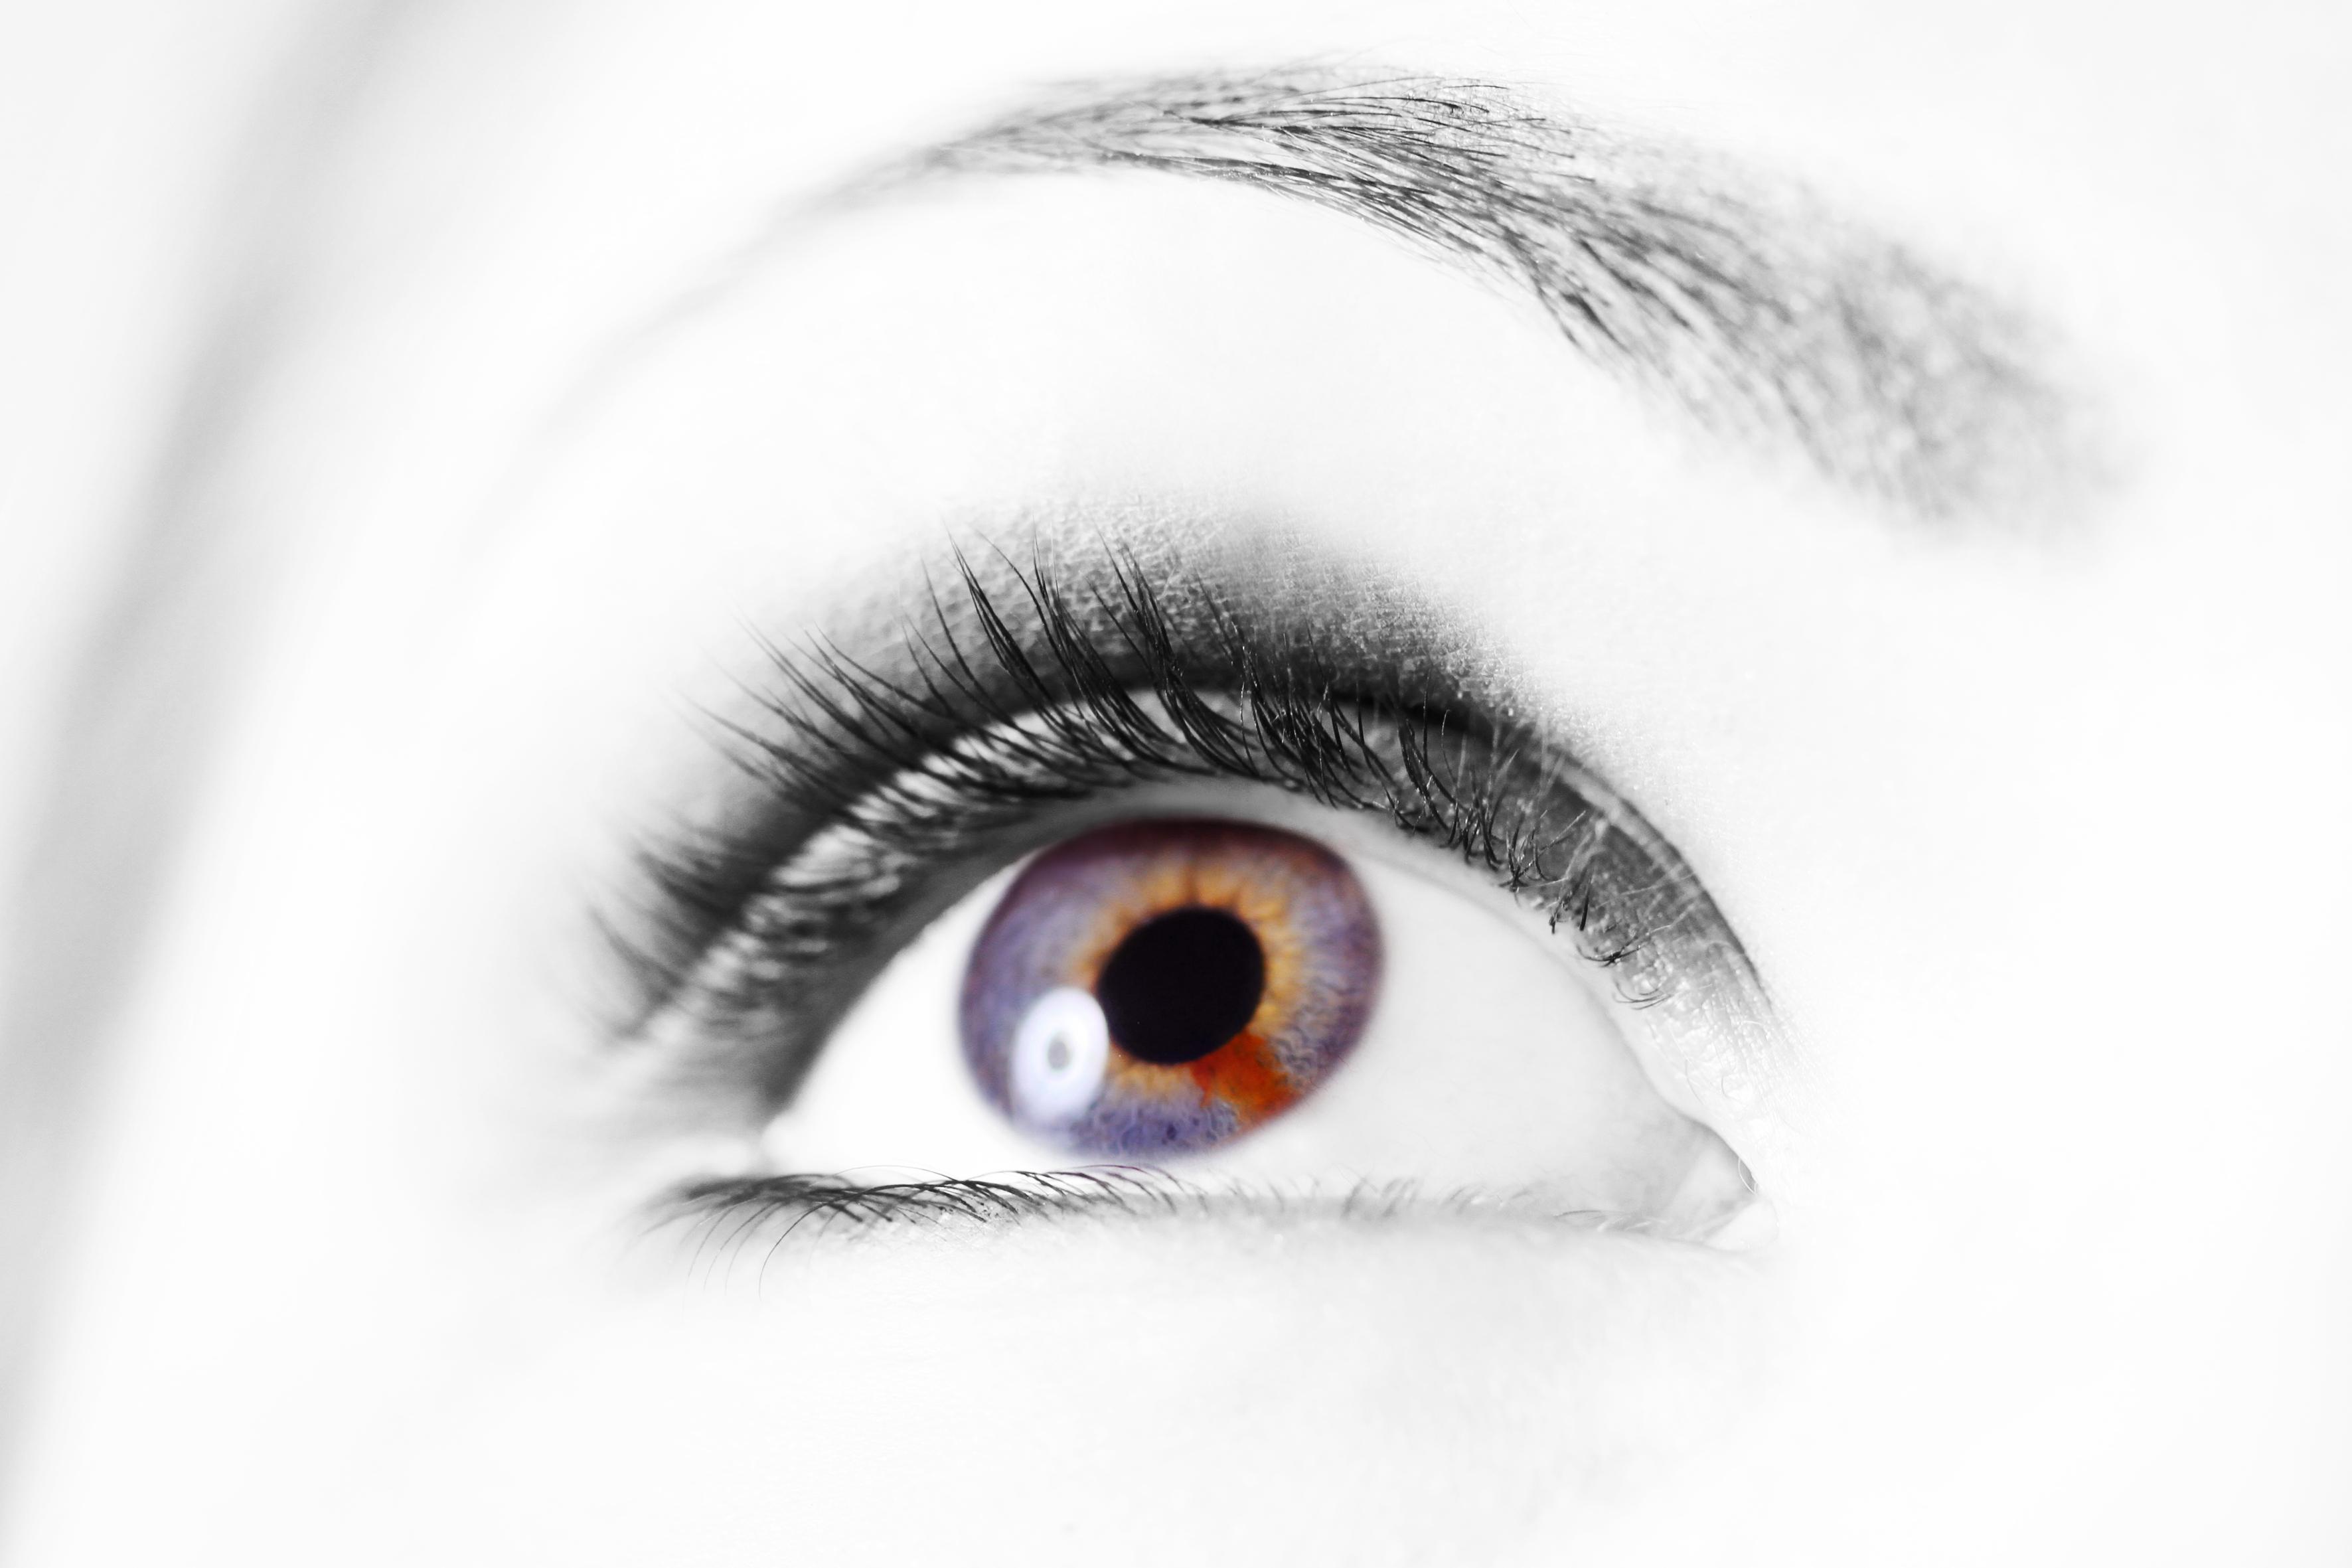 Wimpernverlängerung, Wimpernserum, vollere Wimpern, dichtere Wimpern, längere Wimpern, natürliche Wimpern, Wimpern, Augen